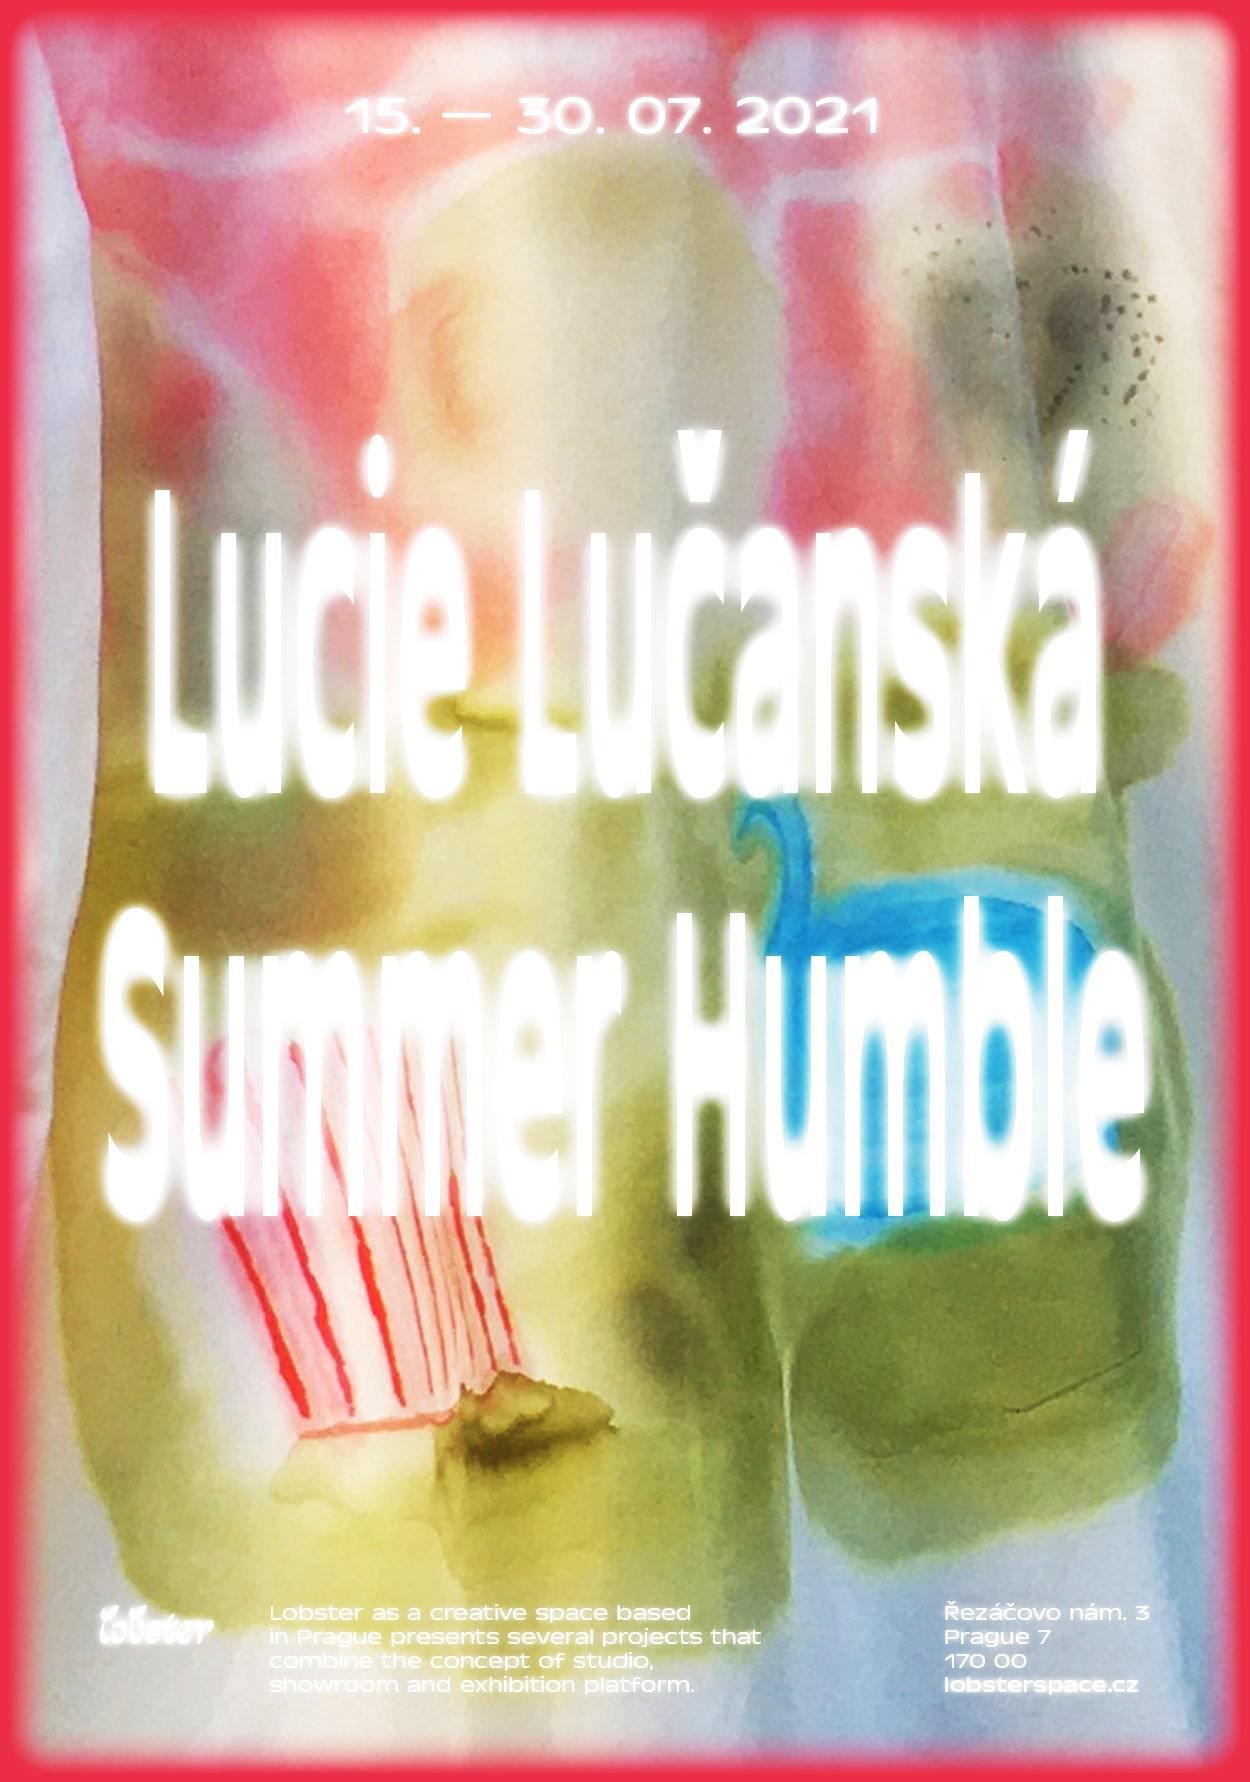 Lucie Lučanská: Summer Humble EXHIBITION